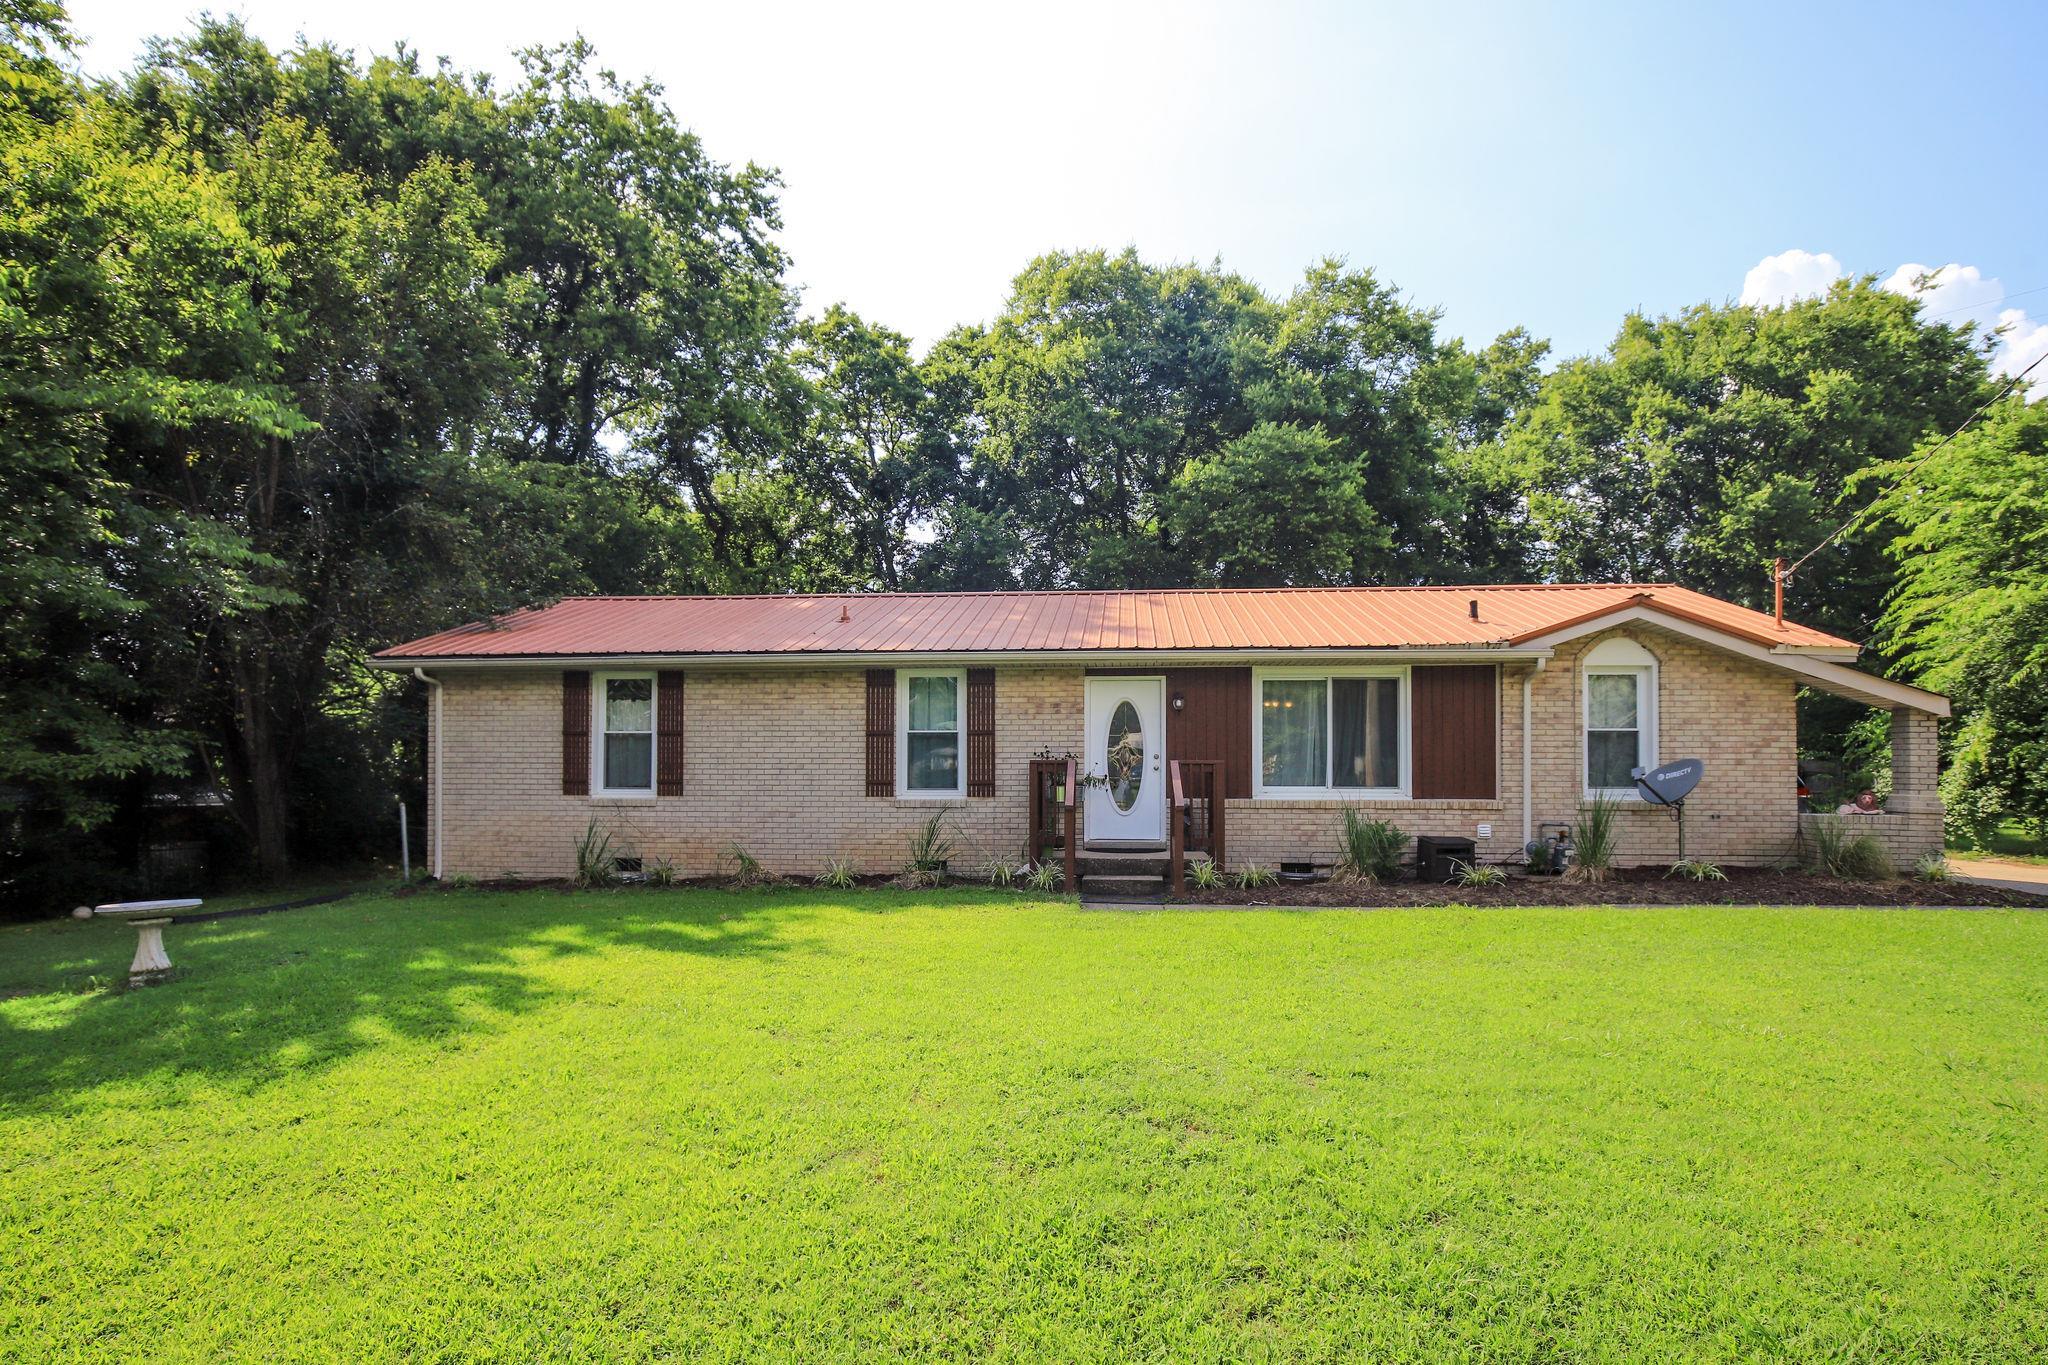 113 Cheryl Ct, Hendersonville, TN 37075 - Hendersonville, TN real estate listing